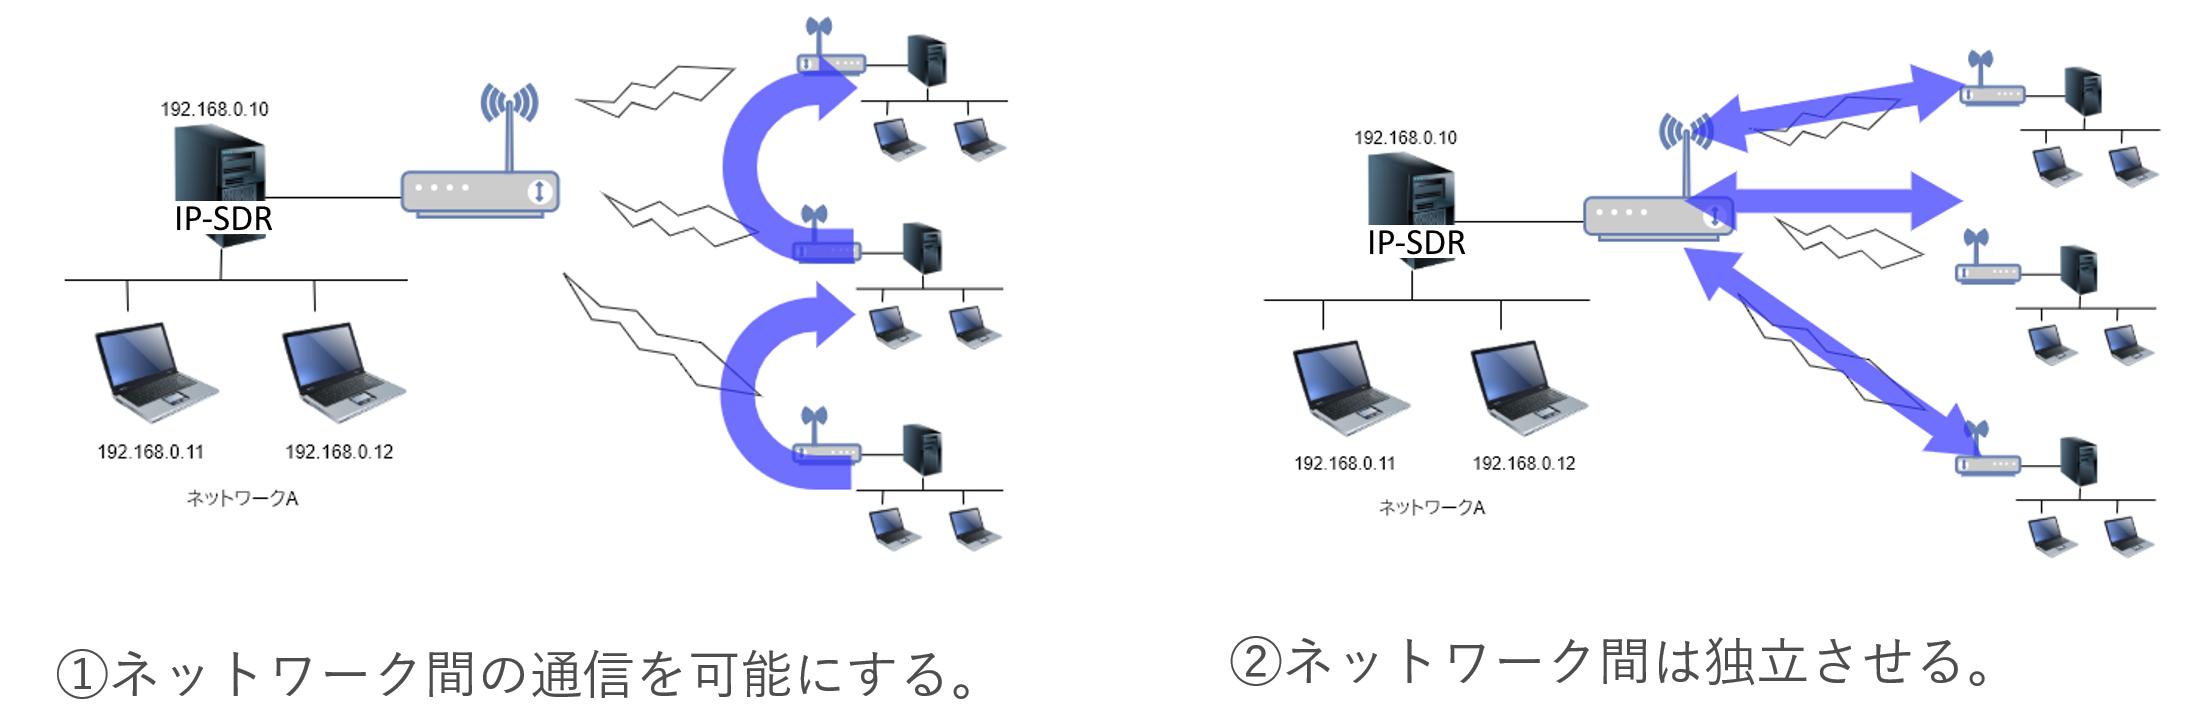 ネットワーク構成例 - 柔軟な構成